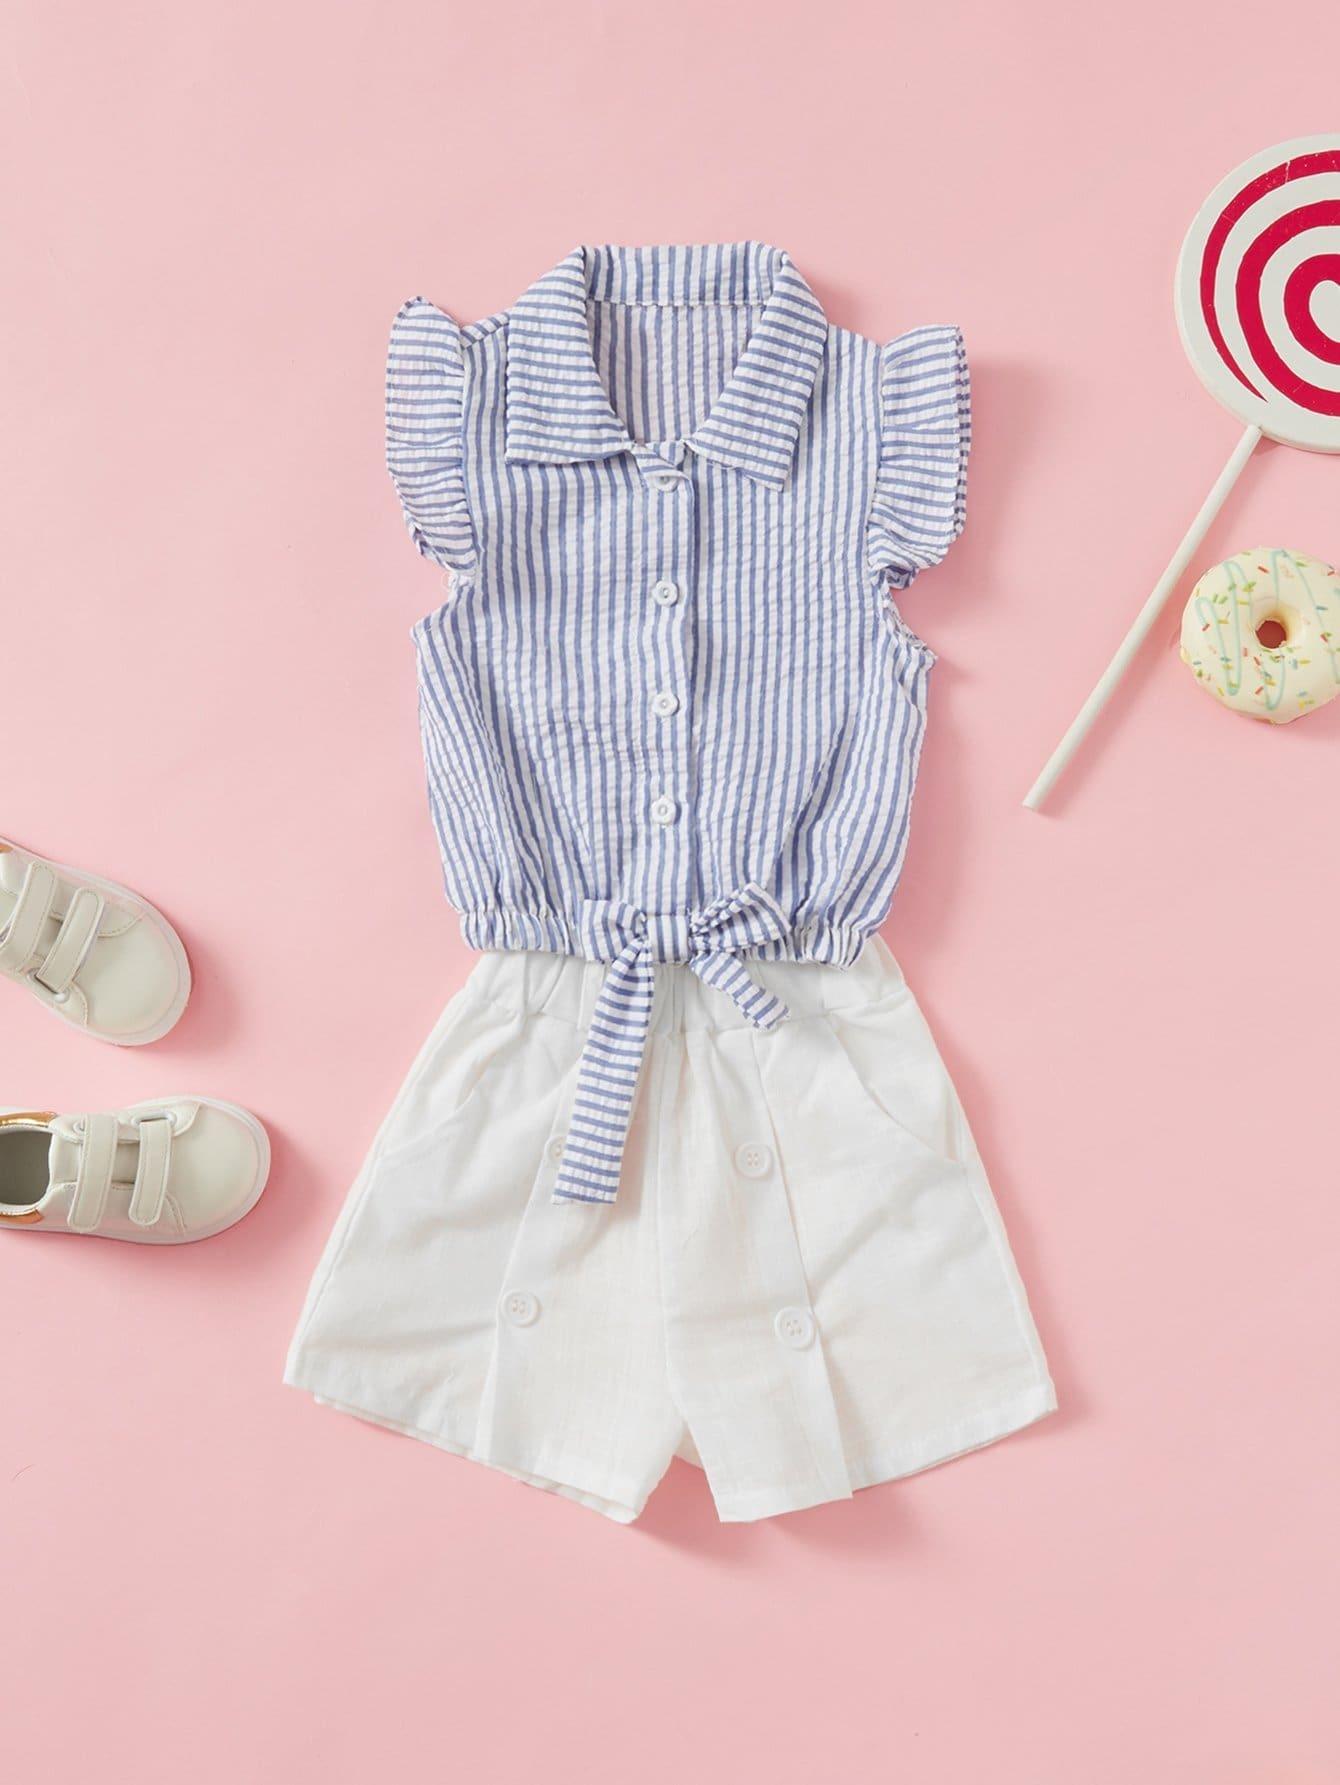 Купить Блузка с полосками и шорты с пуговицами для детей, null, SheIn